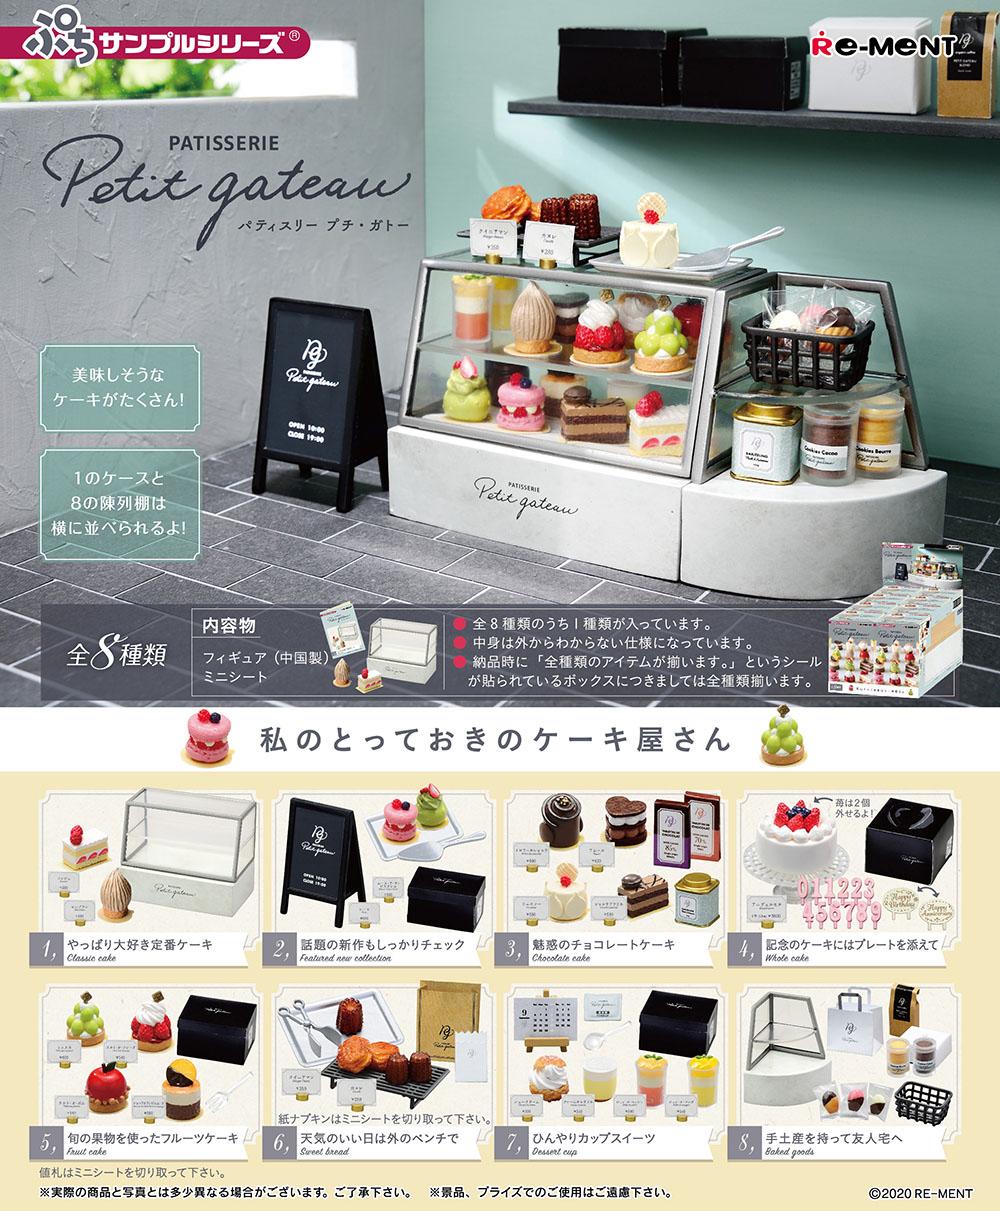 ぷちサンプル『Patisserie Petit gateau』8個入りBOX-001